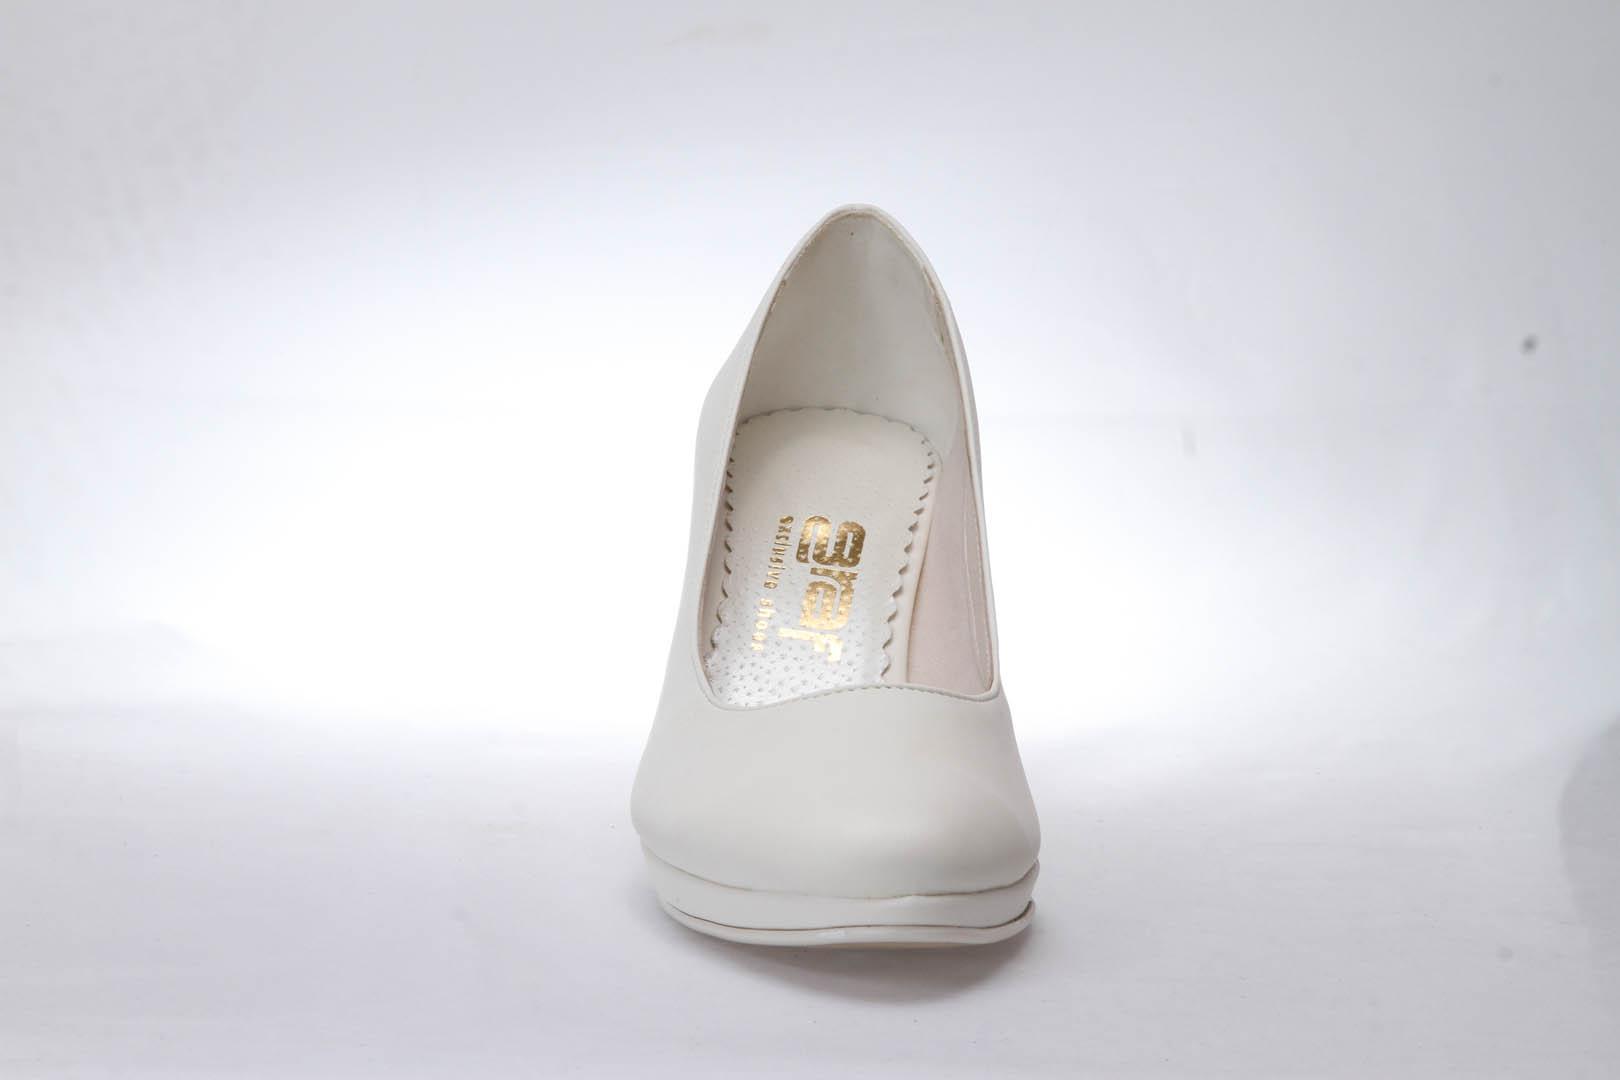 Svatební boty GRAF 1308 - Satyna ivory 8c83176754